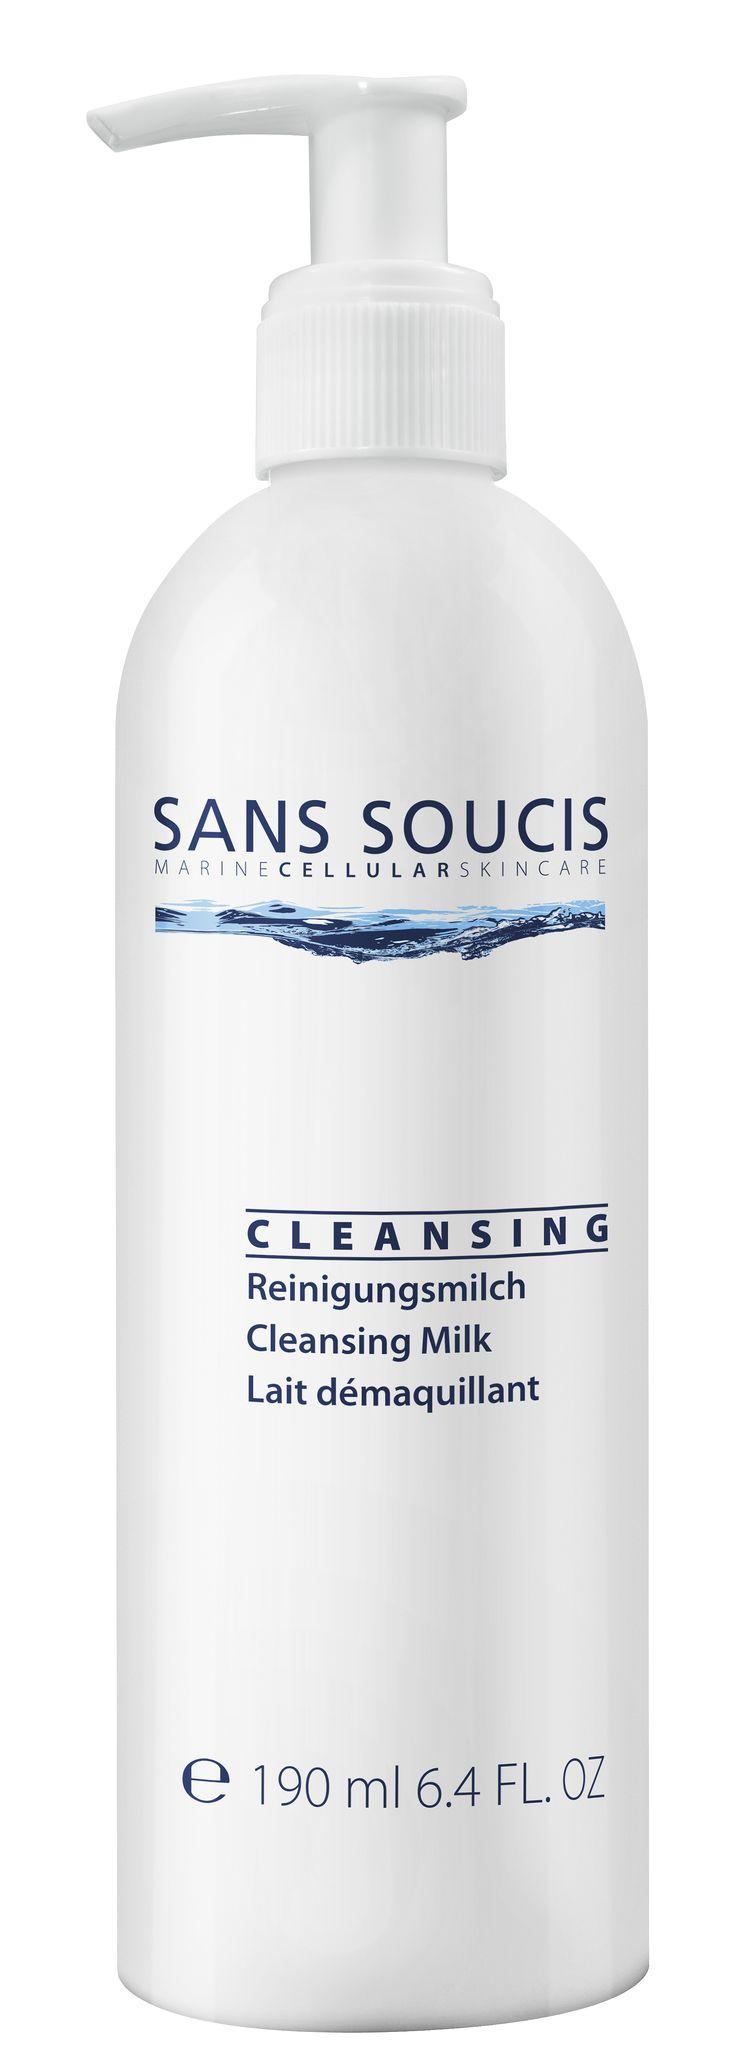 De Cleansing Milk van Sans Soucis verwijdert op zacht wijze make-up en onzuiverheden van de huid. De Cleansing Milk bevat het RefreshCare Complex. Dit Complex verfrist de huid, bevordert het vochtigheidsniveau van de huid en vermindert lichte irritaties en roodheden. De Cleansing Milk is geschikt voor een  normale, droge huid waarbij de huid er na gebruik schoon en stralend uitziet.